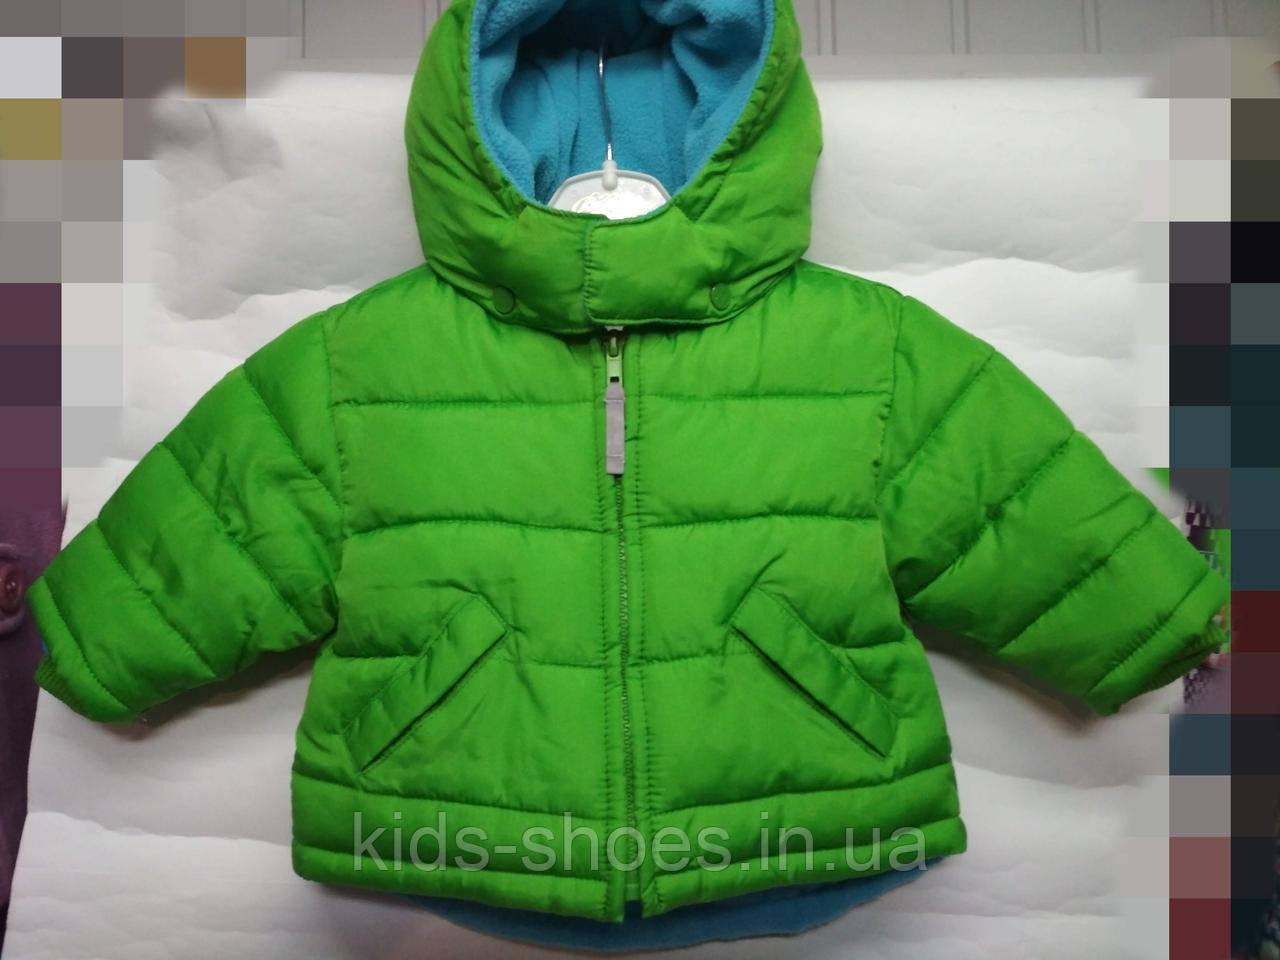 652dc6f2149c Куртка Немо 68 для Малыша — в Категории